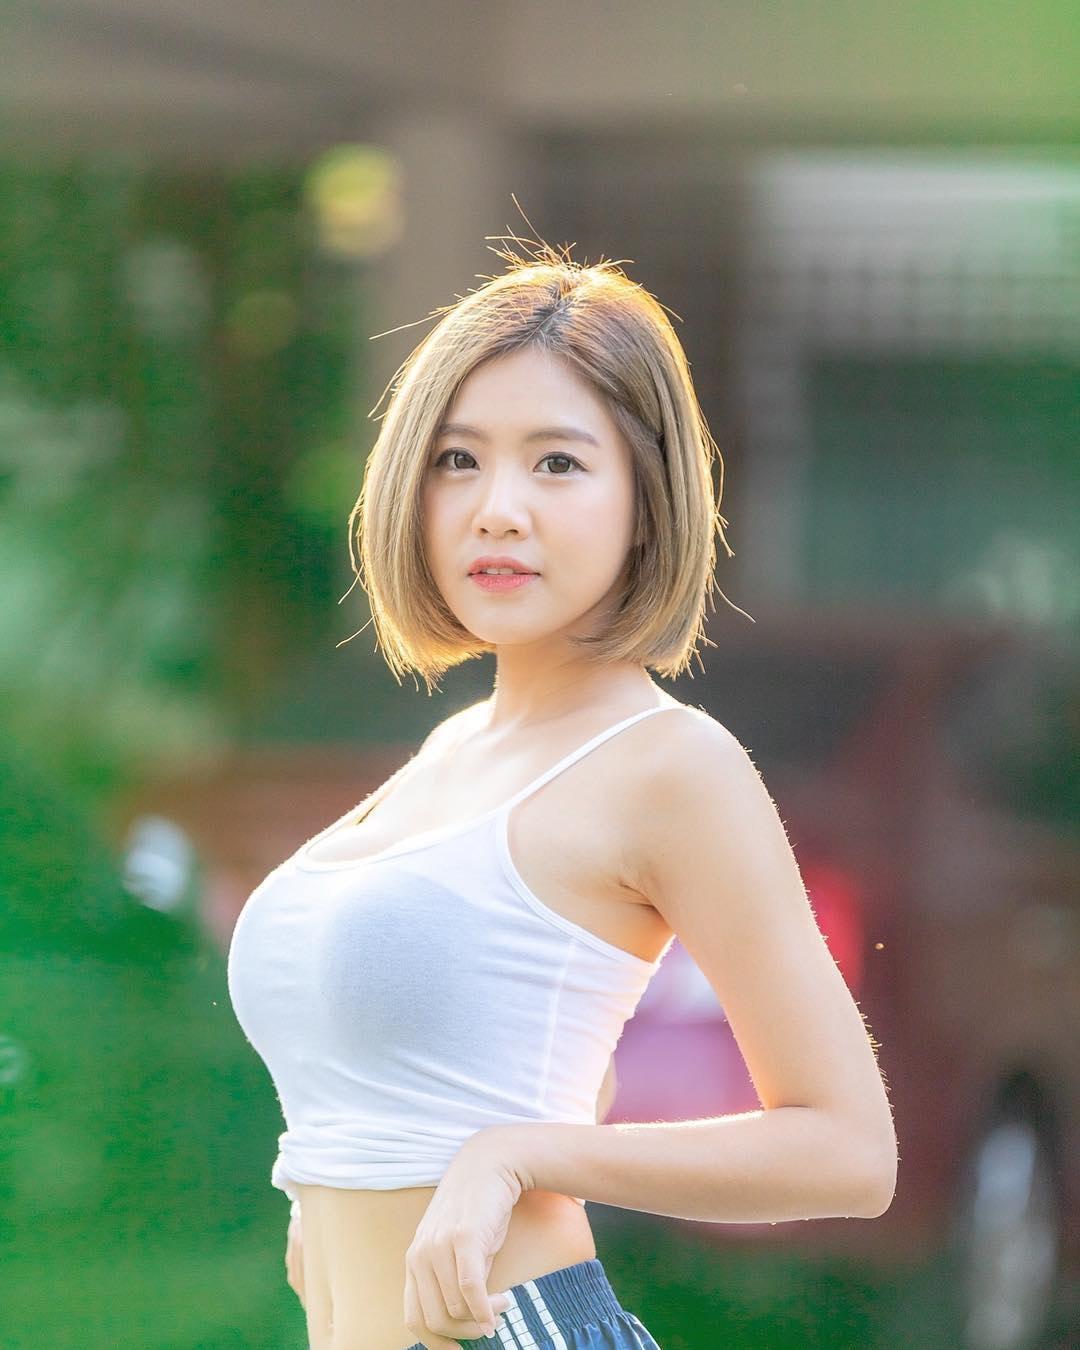 泰國網紅因「激似DJ Soda」狂吸30萬粉絲 她曝光「性感全身照」網傻眼:太腰瘦!